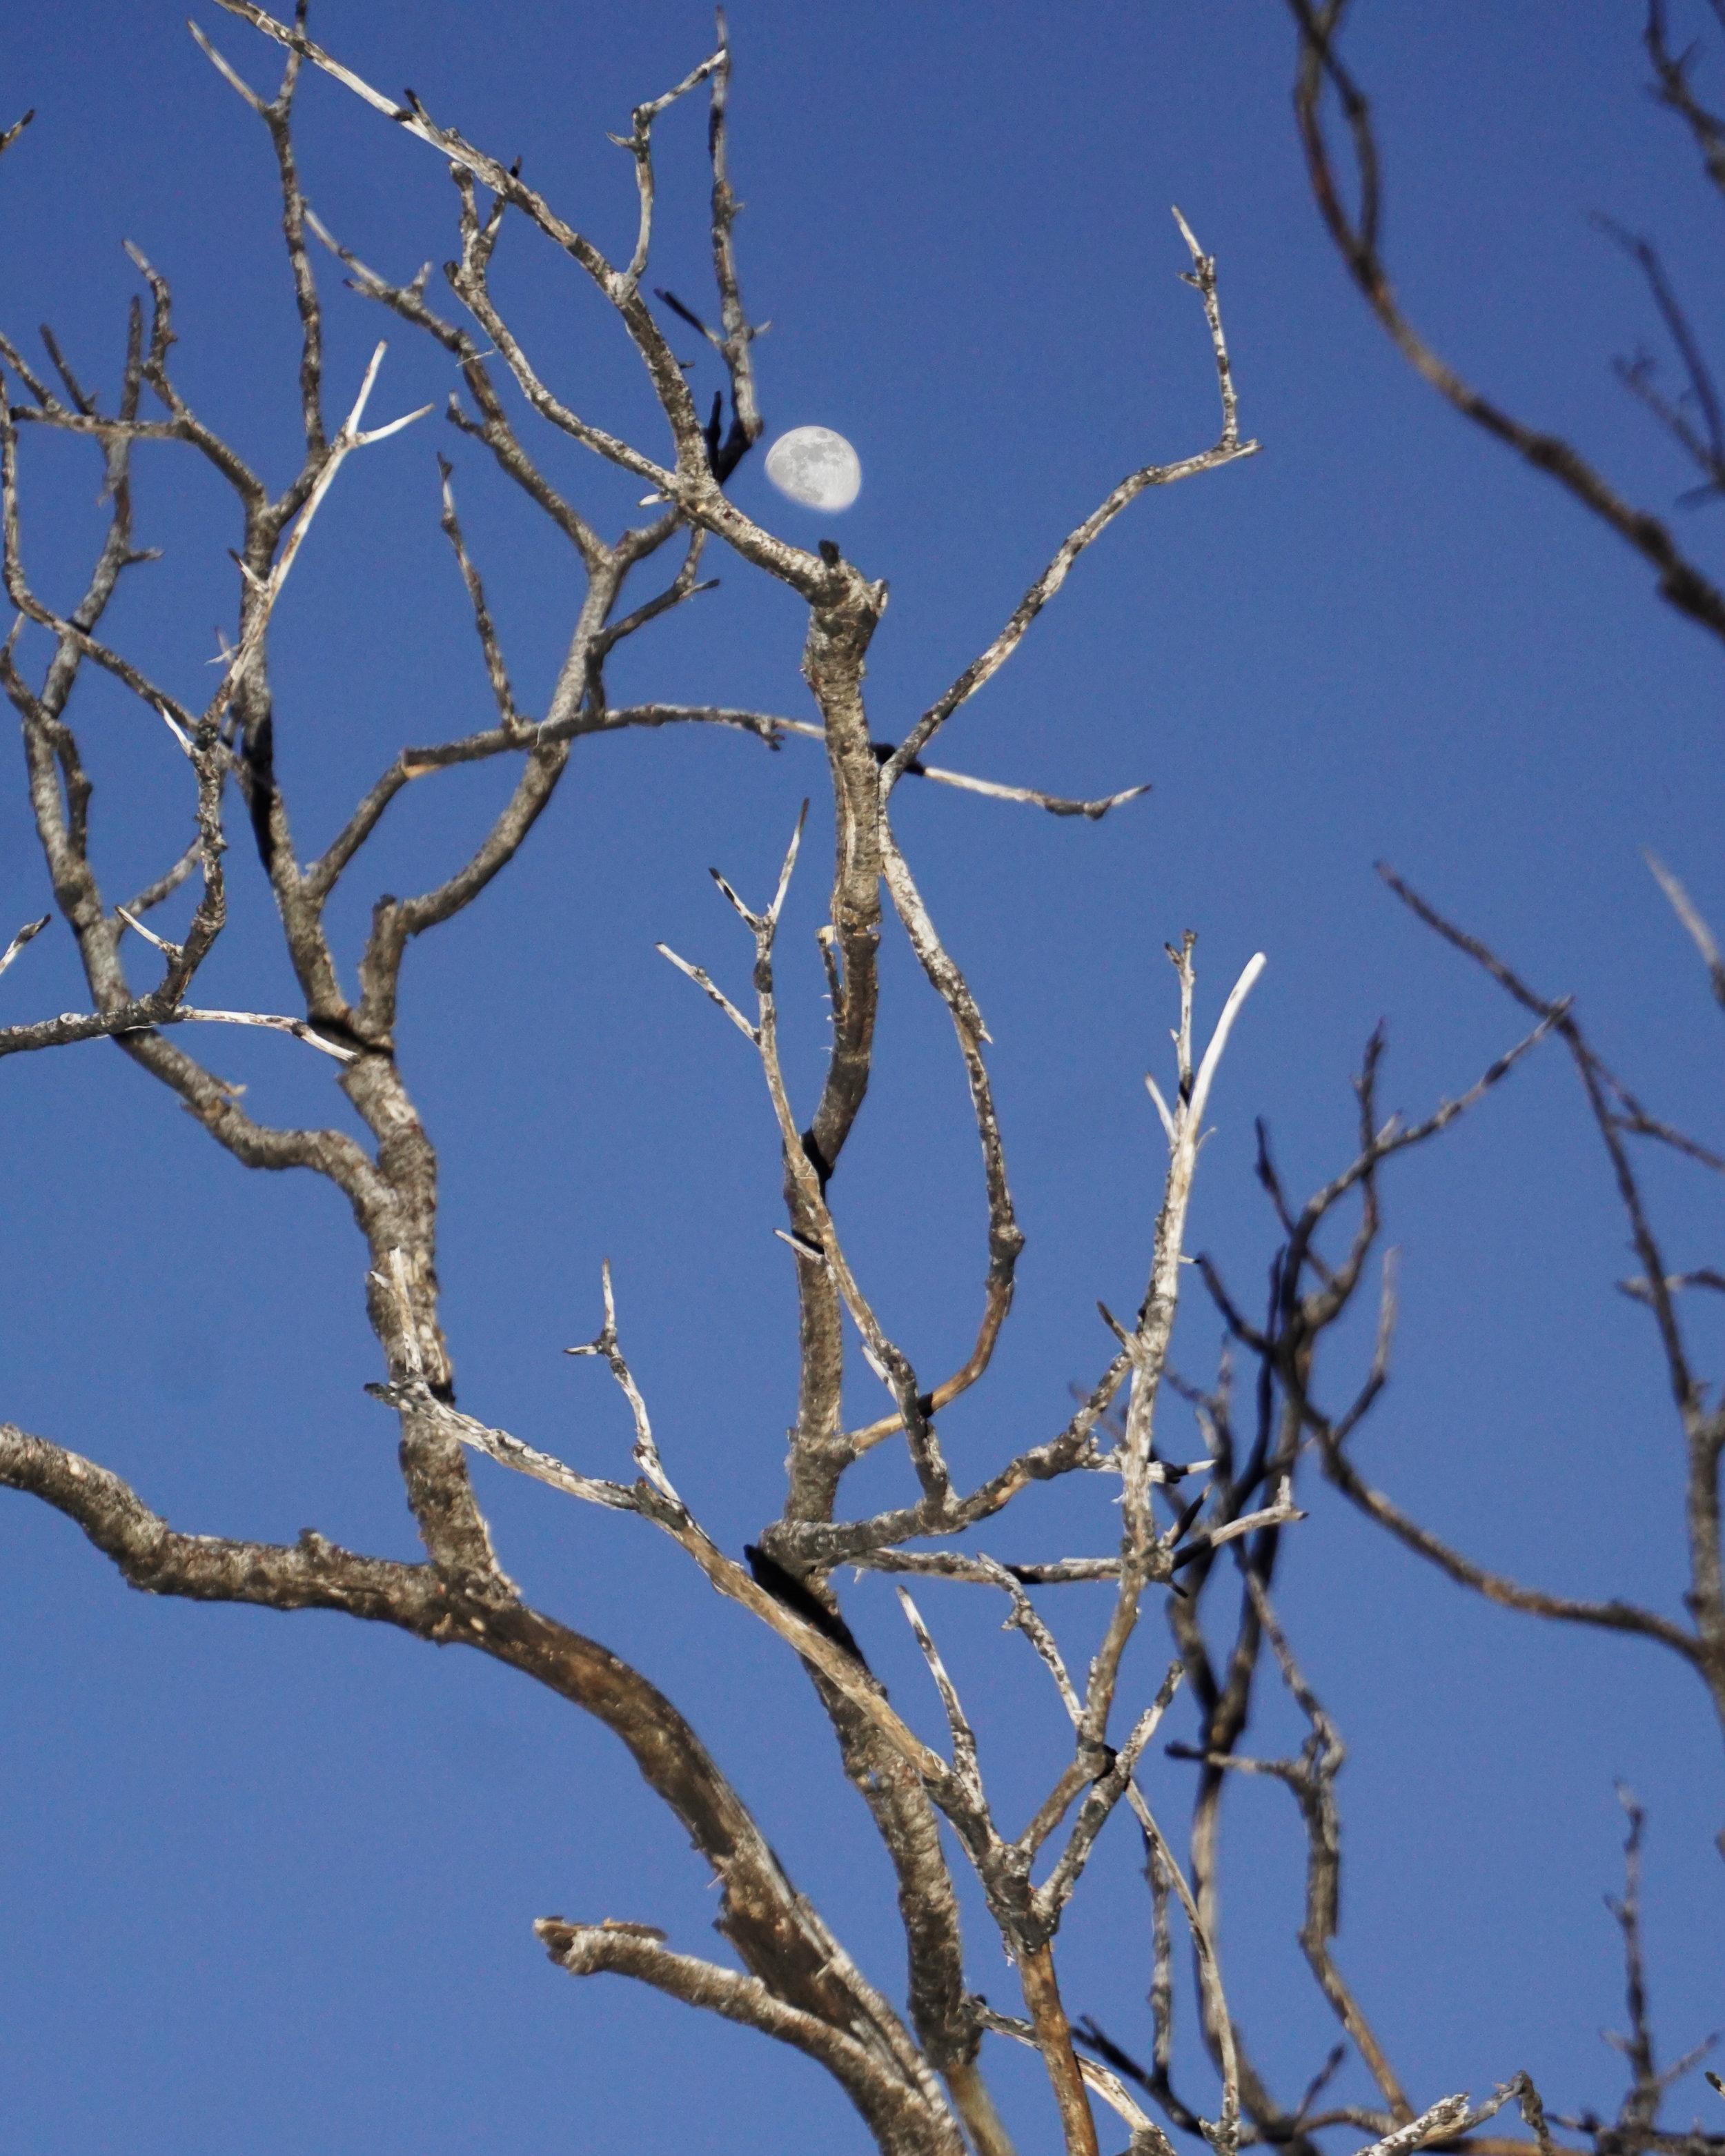 luna y  branches.jpg